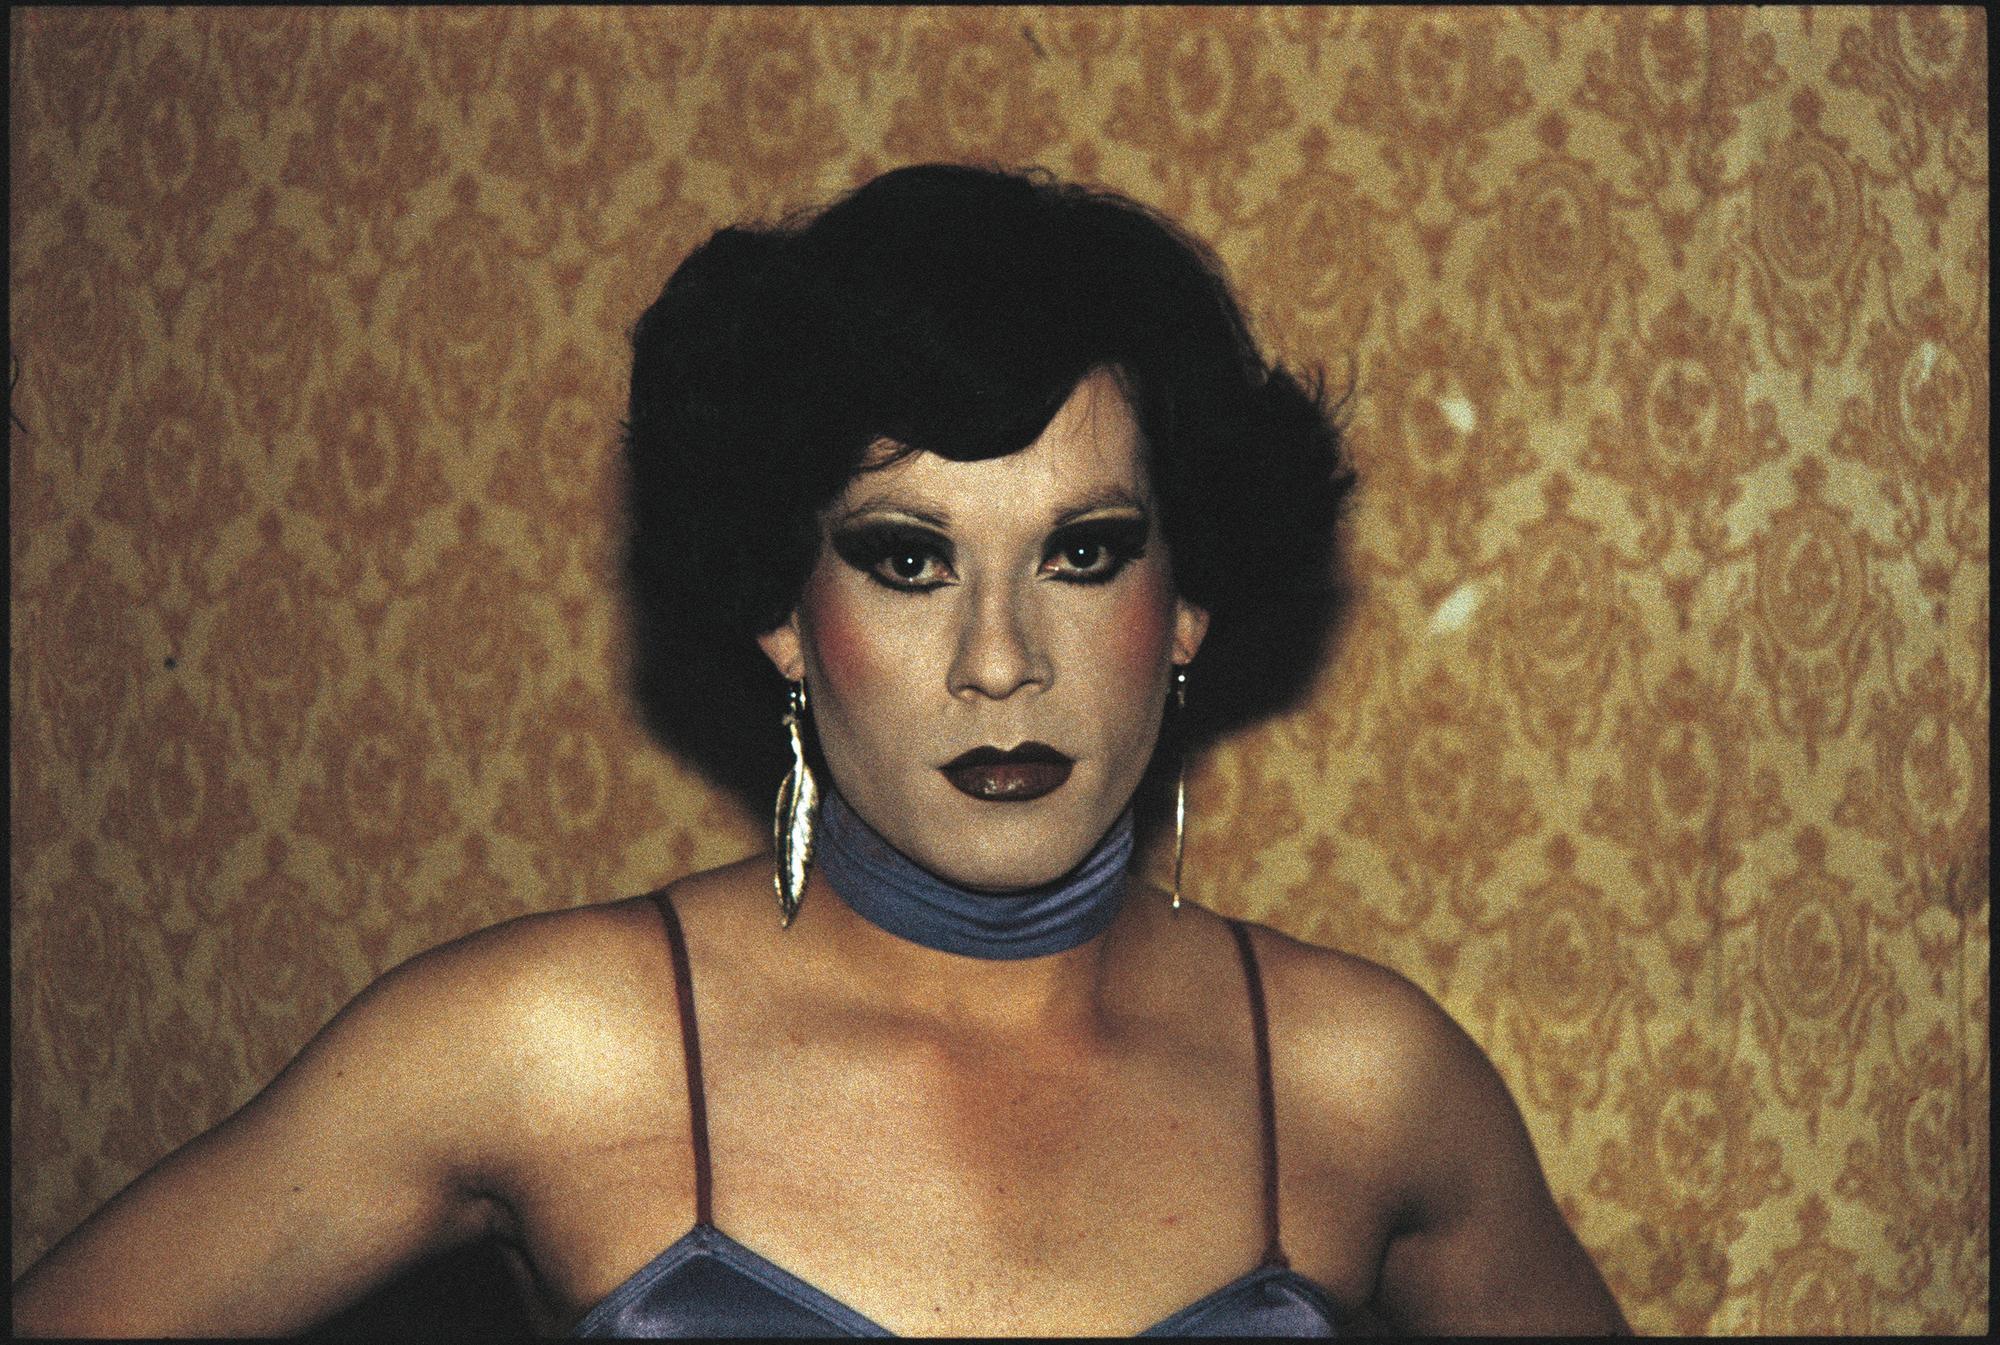 Paz Errázuriz, la fotógrafa chilena que está presente en la exhibición queer del Barbican